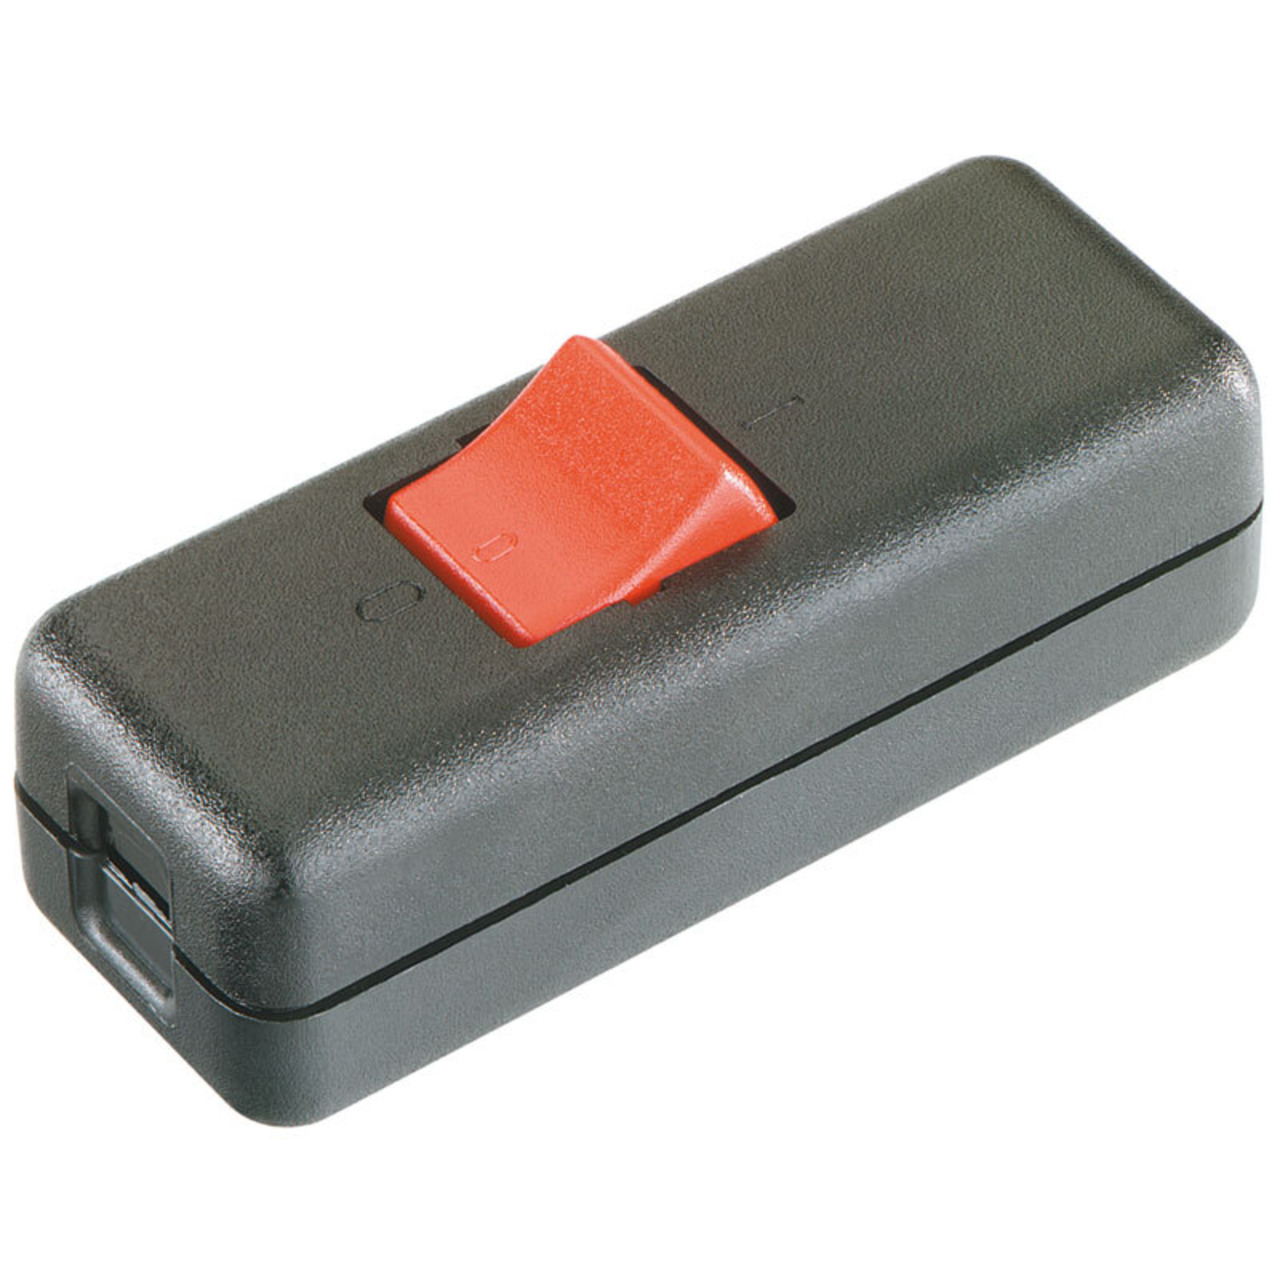 Schnur-Zwischenschalter- 230V- 10A- Aussschalter- 2-polig- schwarz-rot